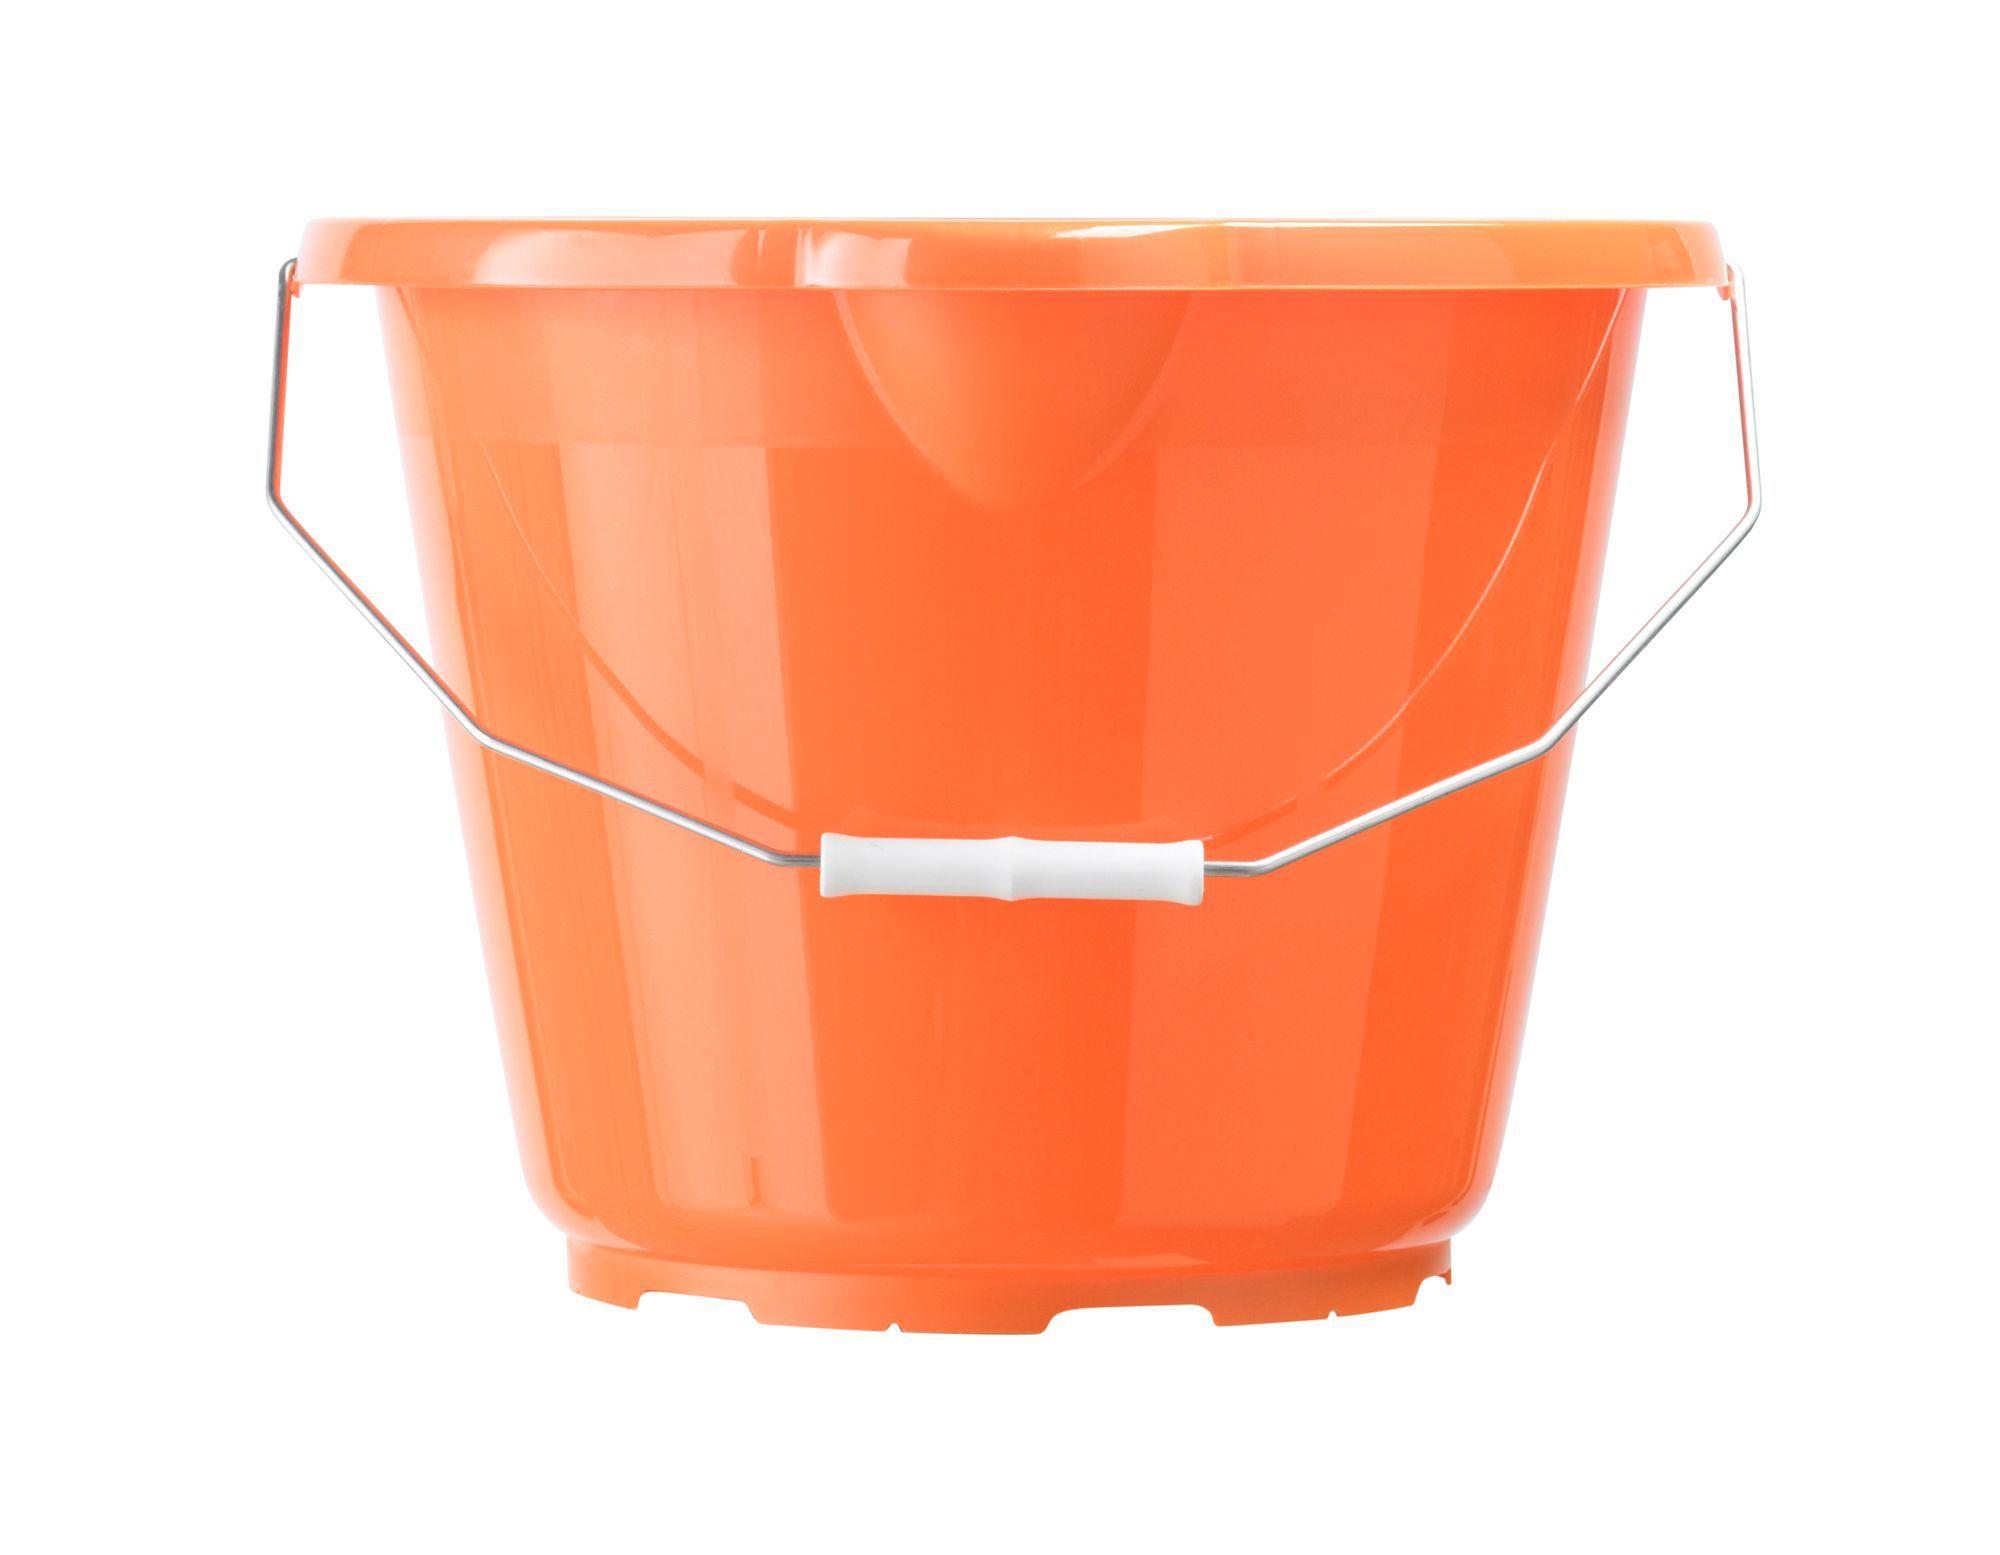 B Amp Q Orange Plastic 12000 Ml Bucket Departments Diy At B Amp Q